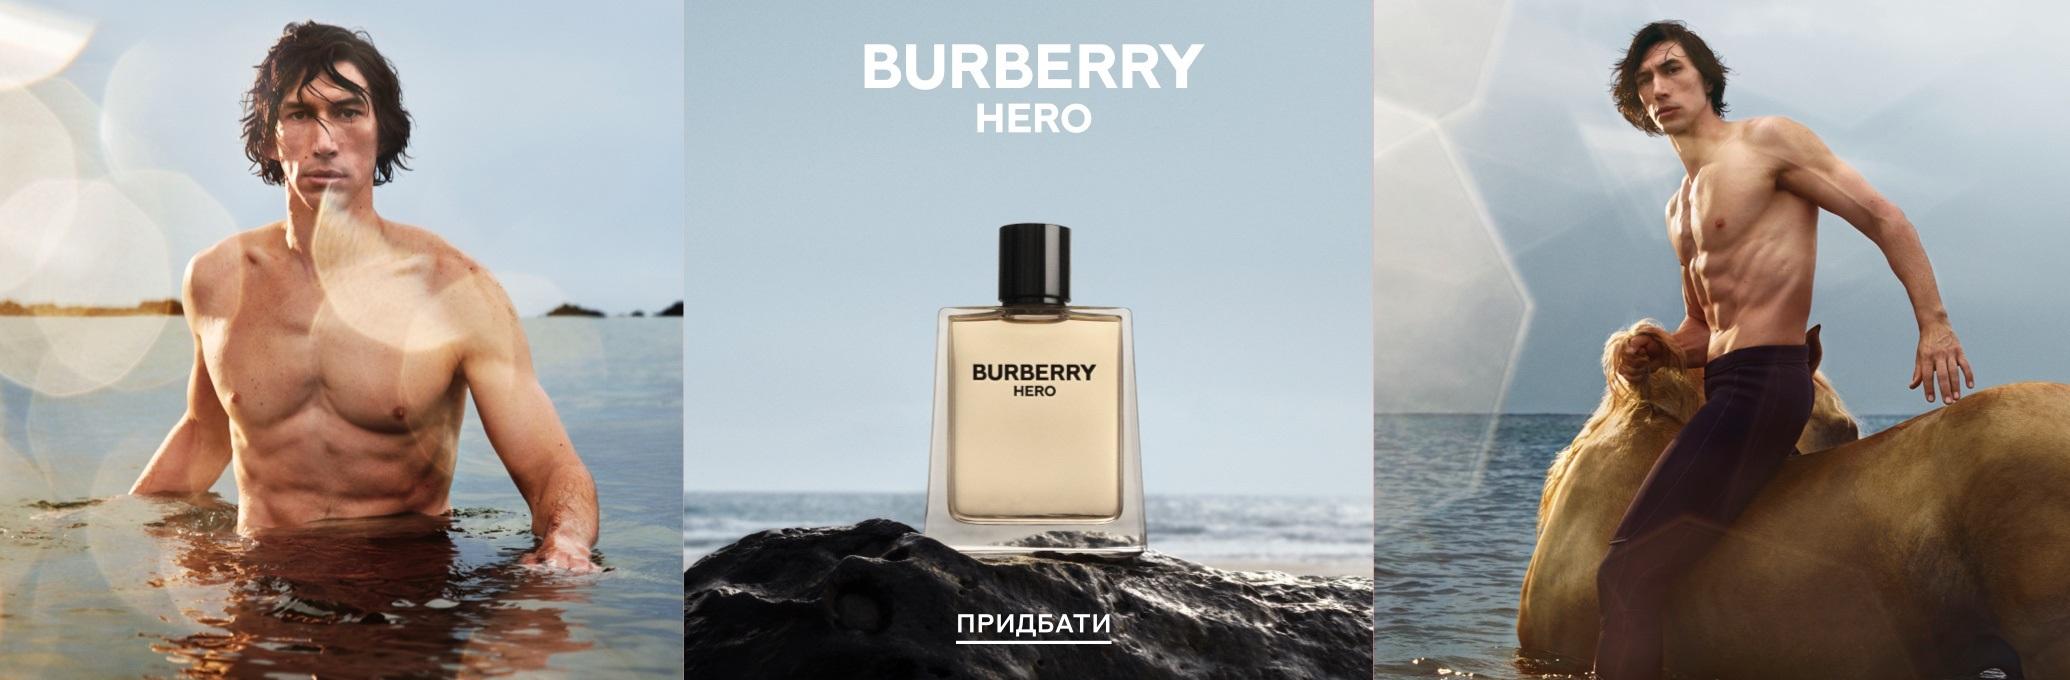 Burberry Hero 2021